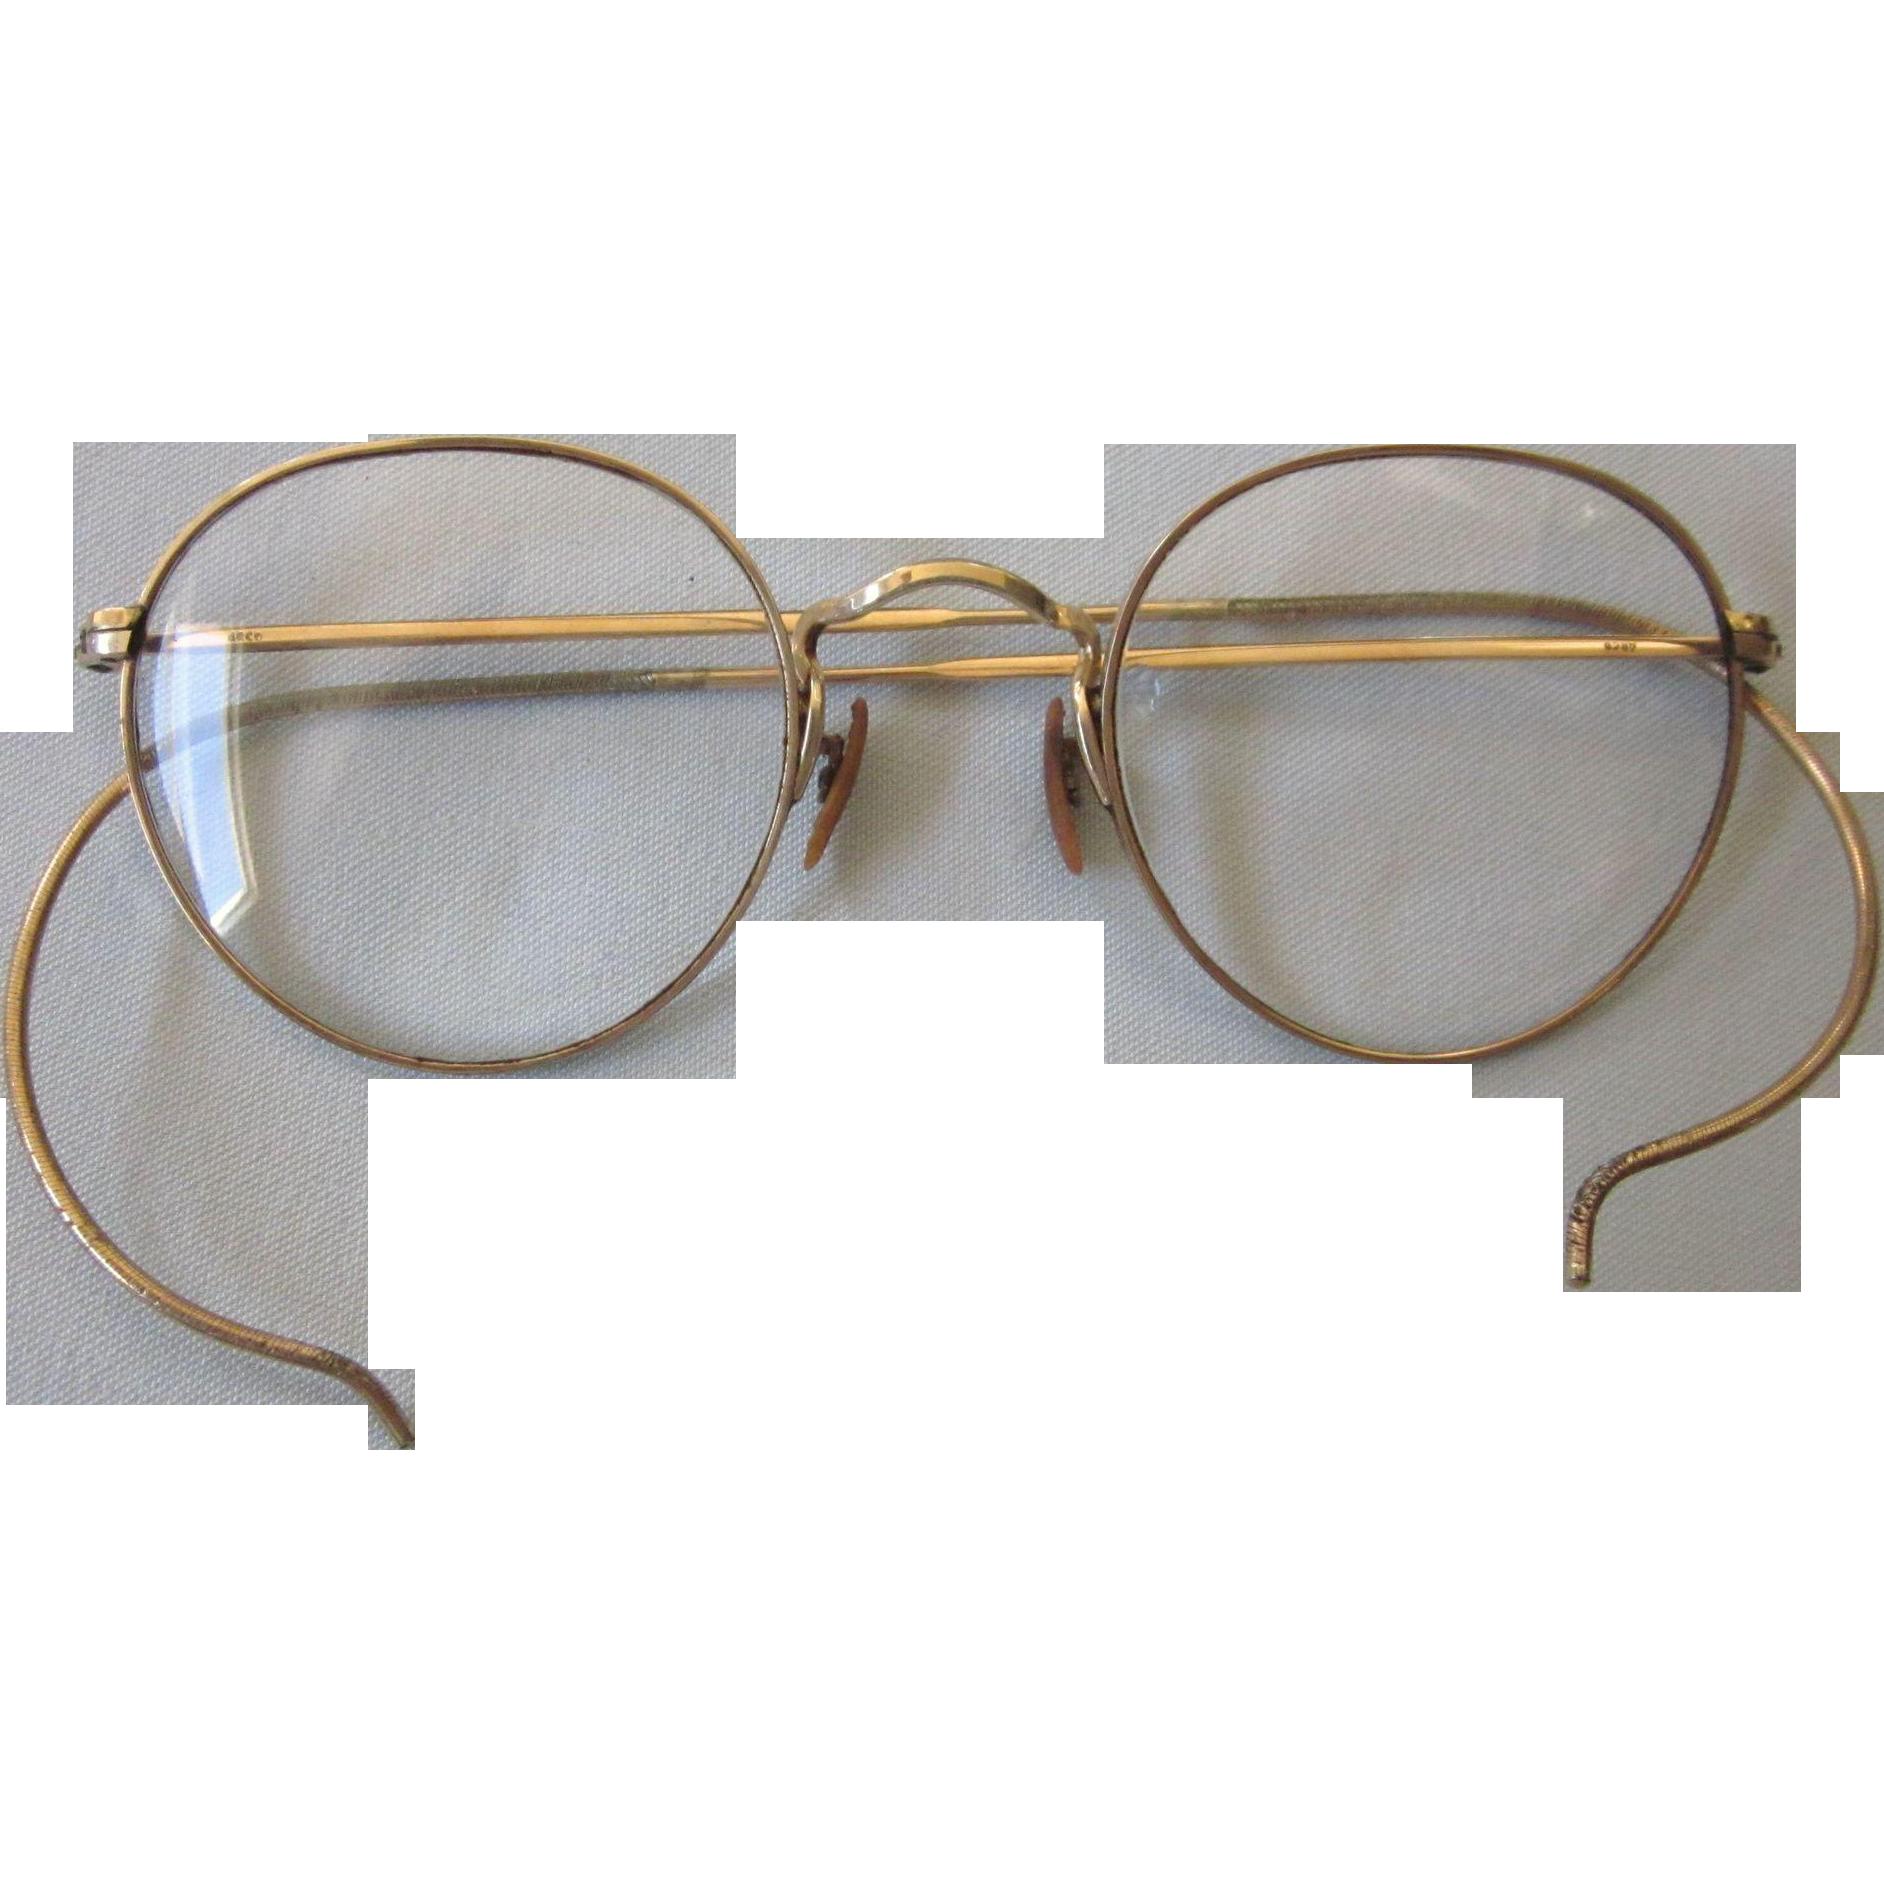 Gold Filled Eyeglass Frames : Vintage Gold Filled Full Rim Eyeglasses, Bifocal ...